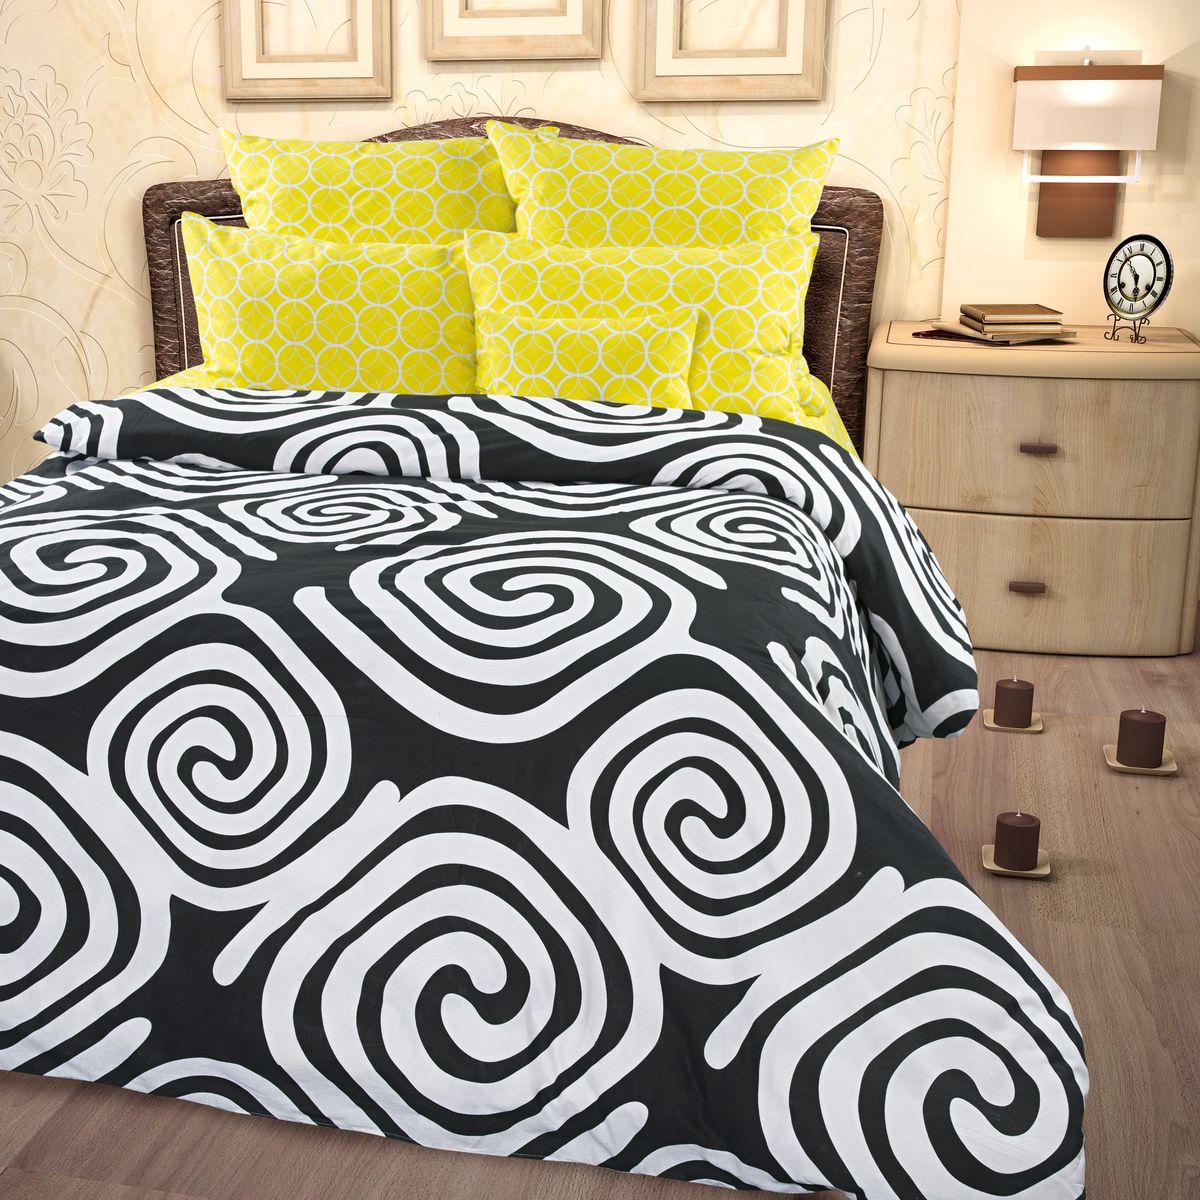 Комплект белья Roberto Rioni Catania, семейный, наволочки 50 x 70, цвет: черный. 277960277960